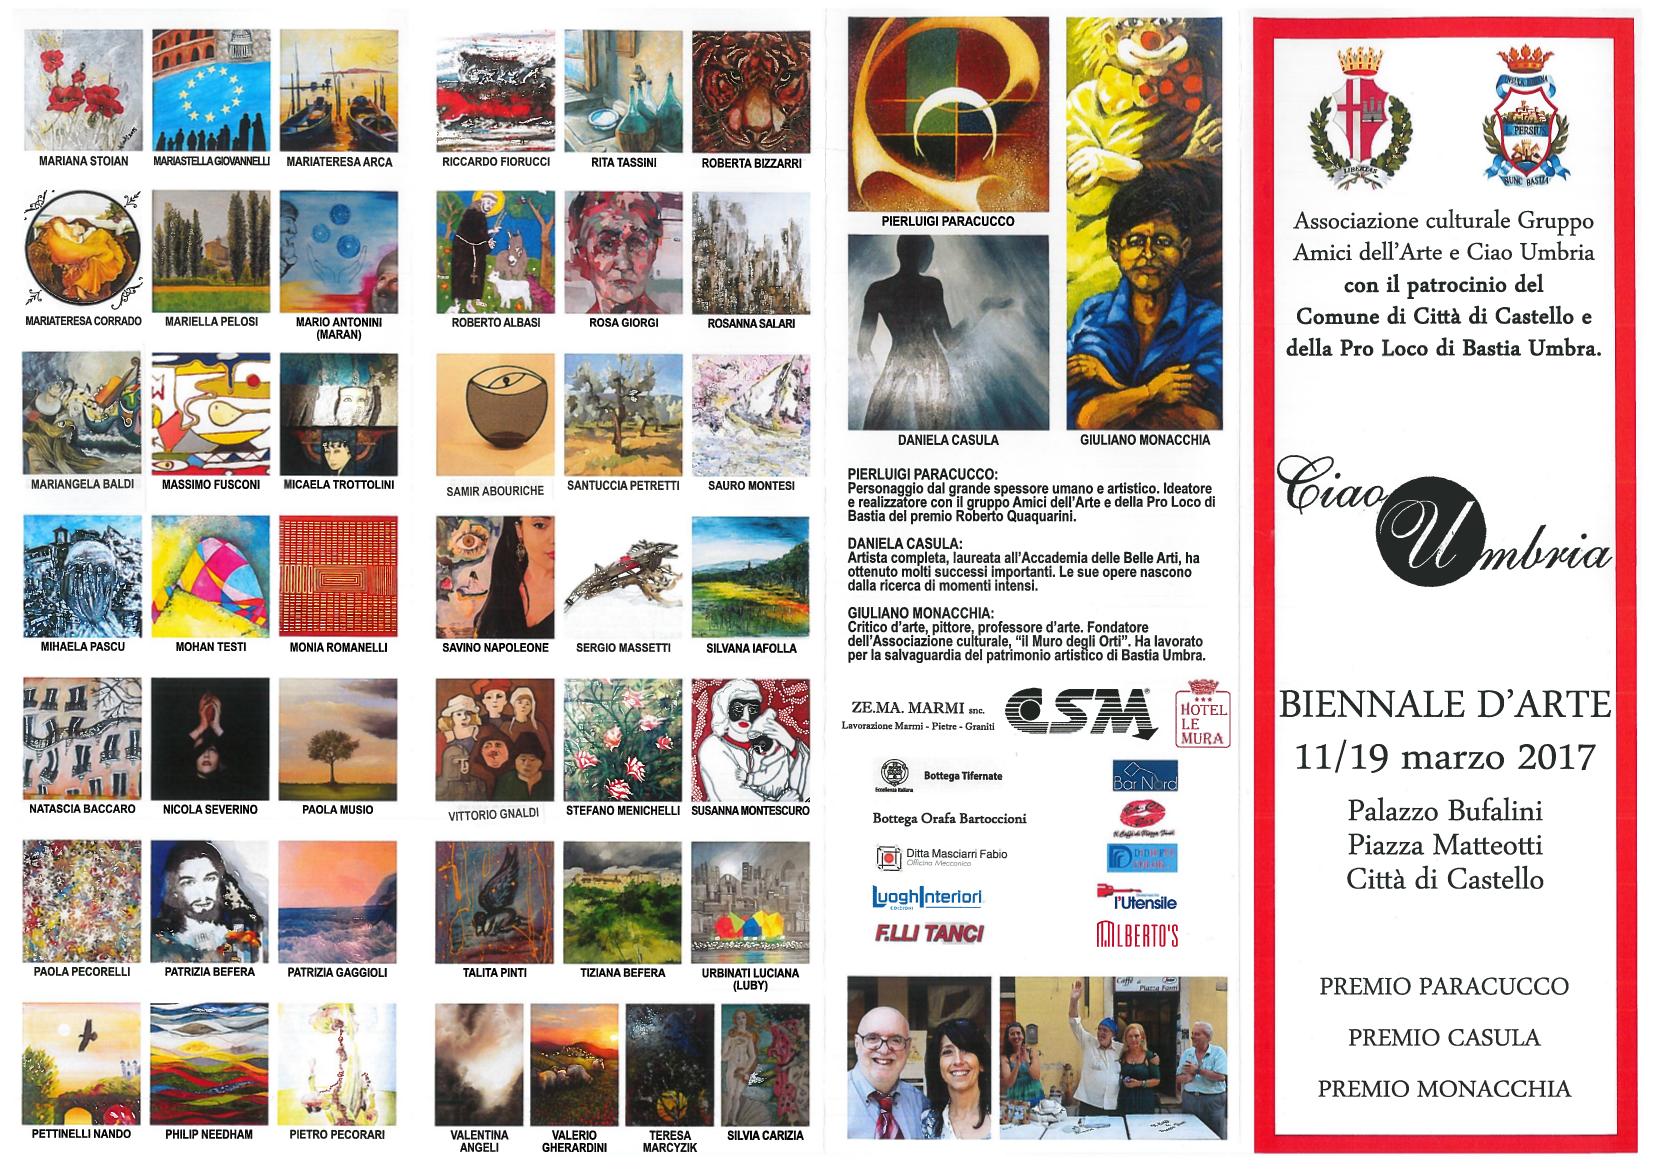 PDF della Biennale